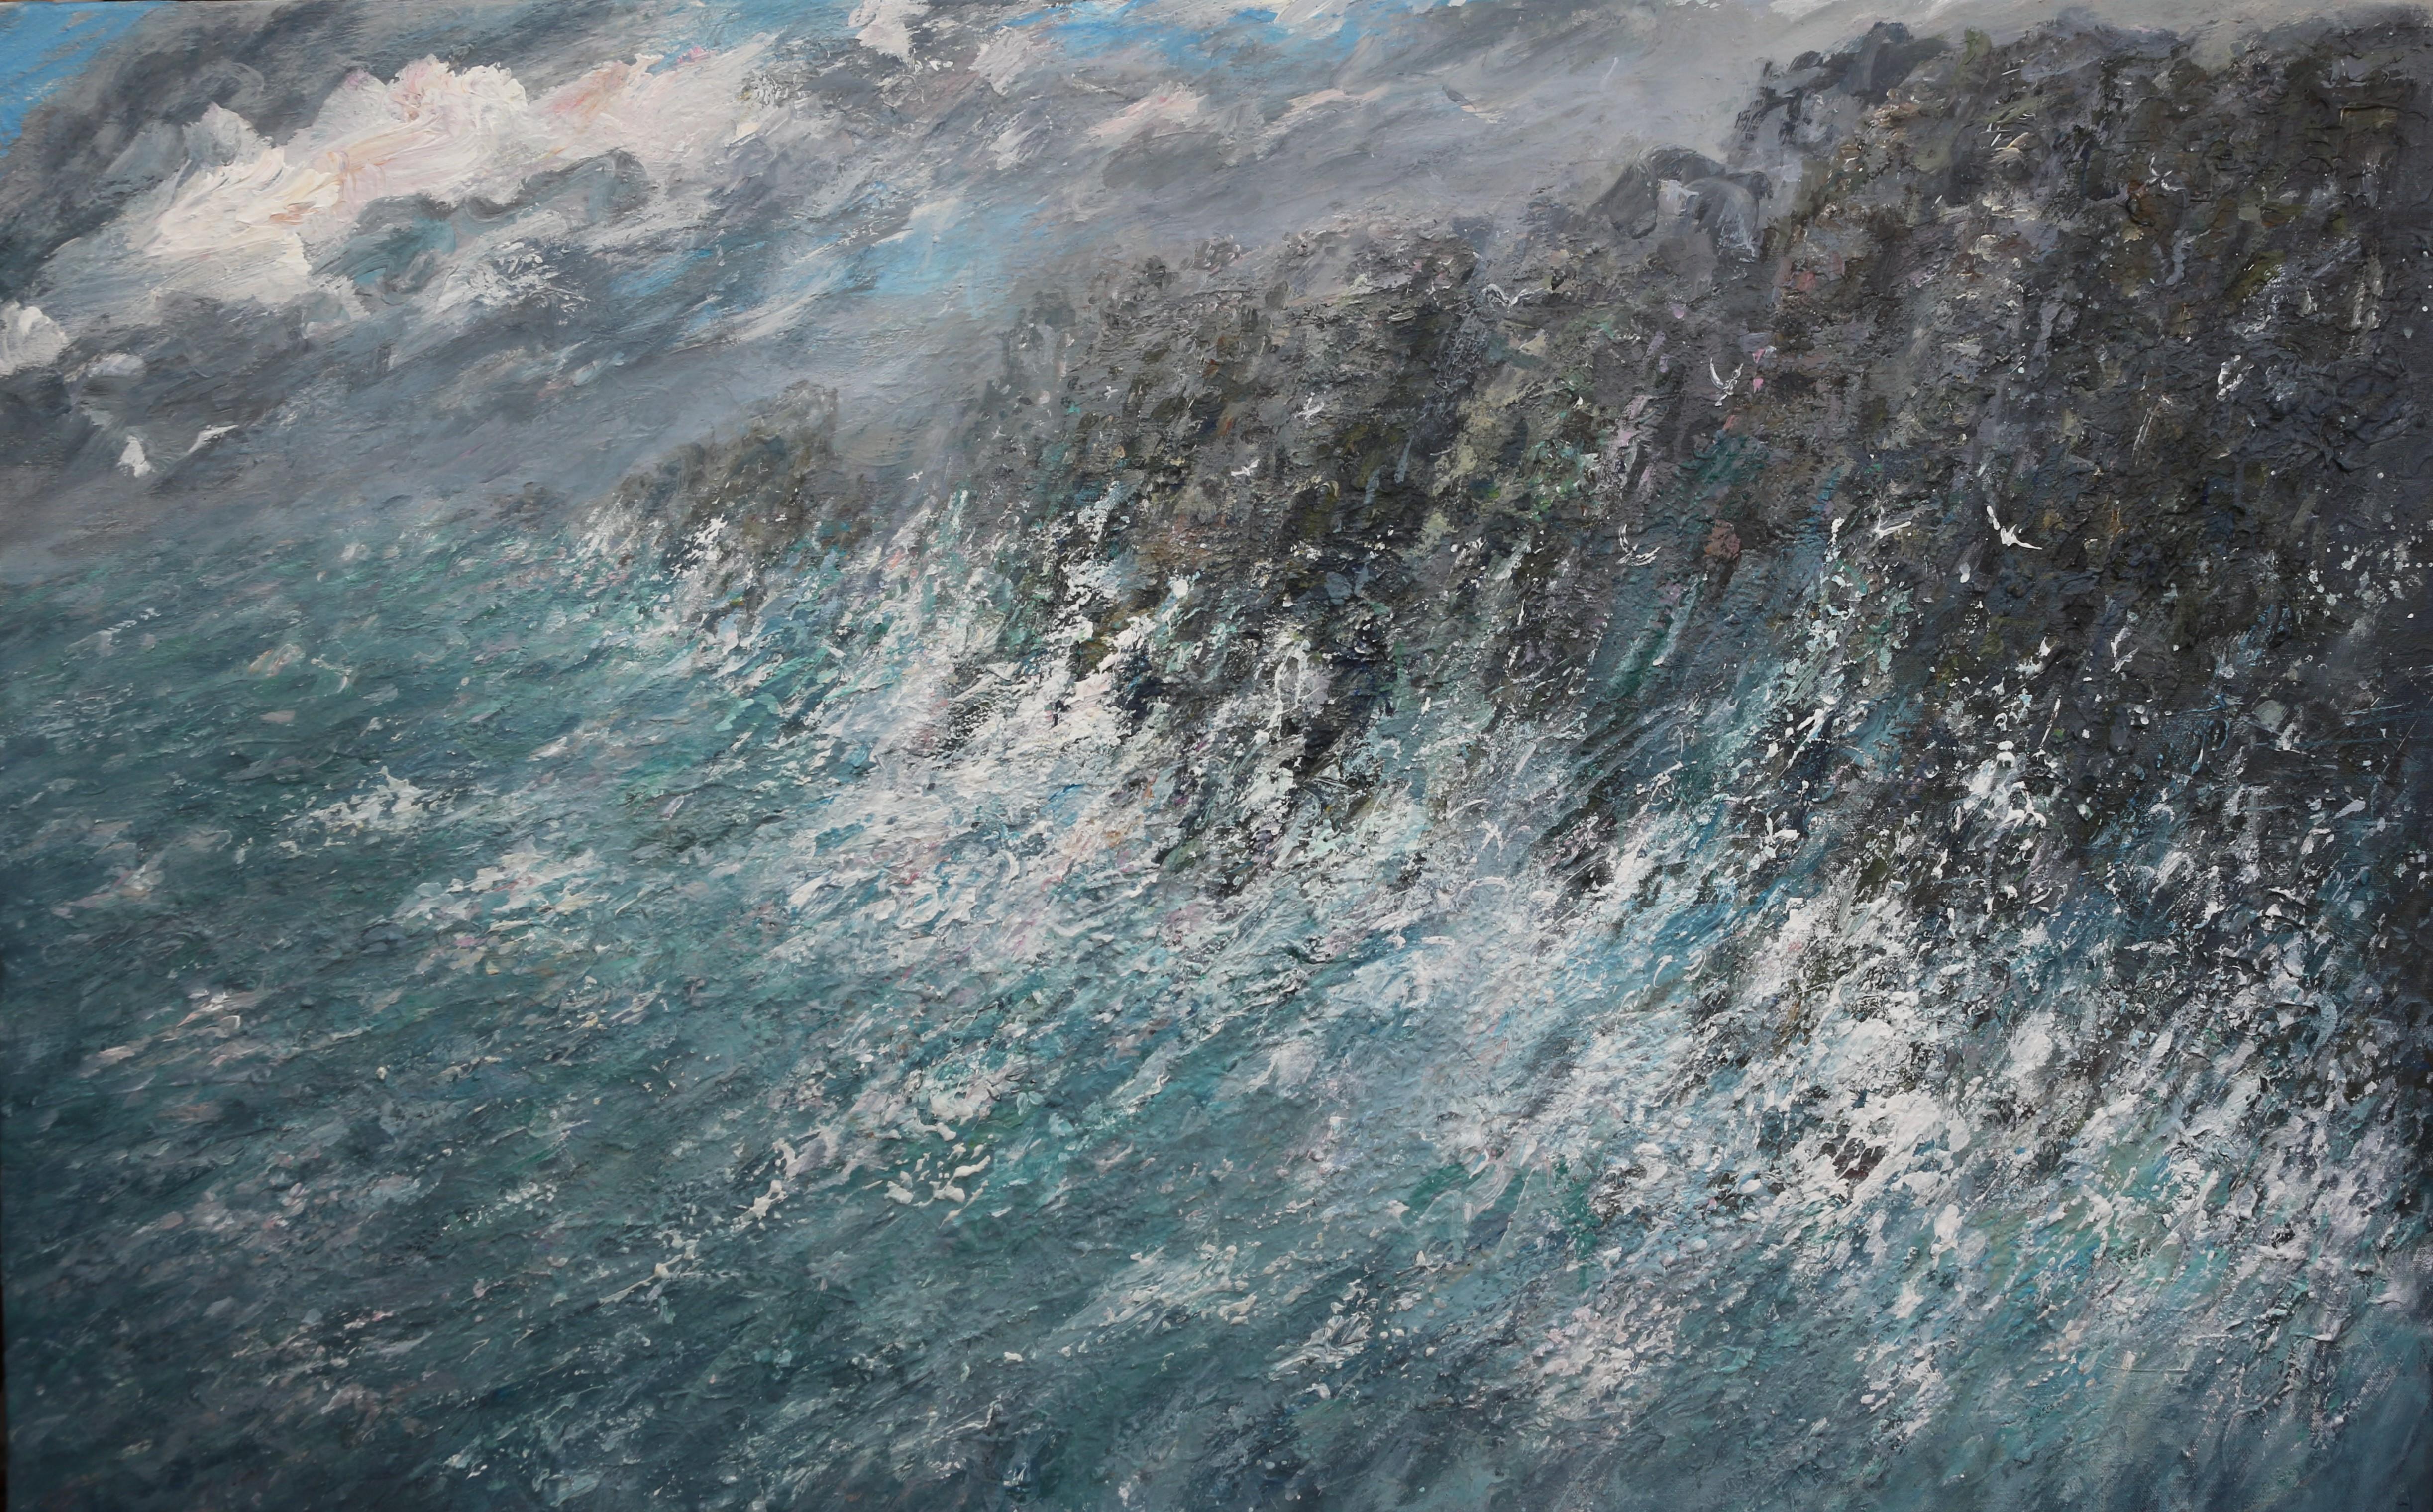 Billowing clouds crashing waves